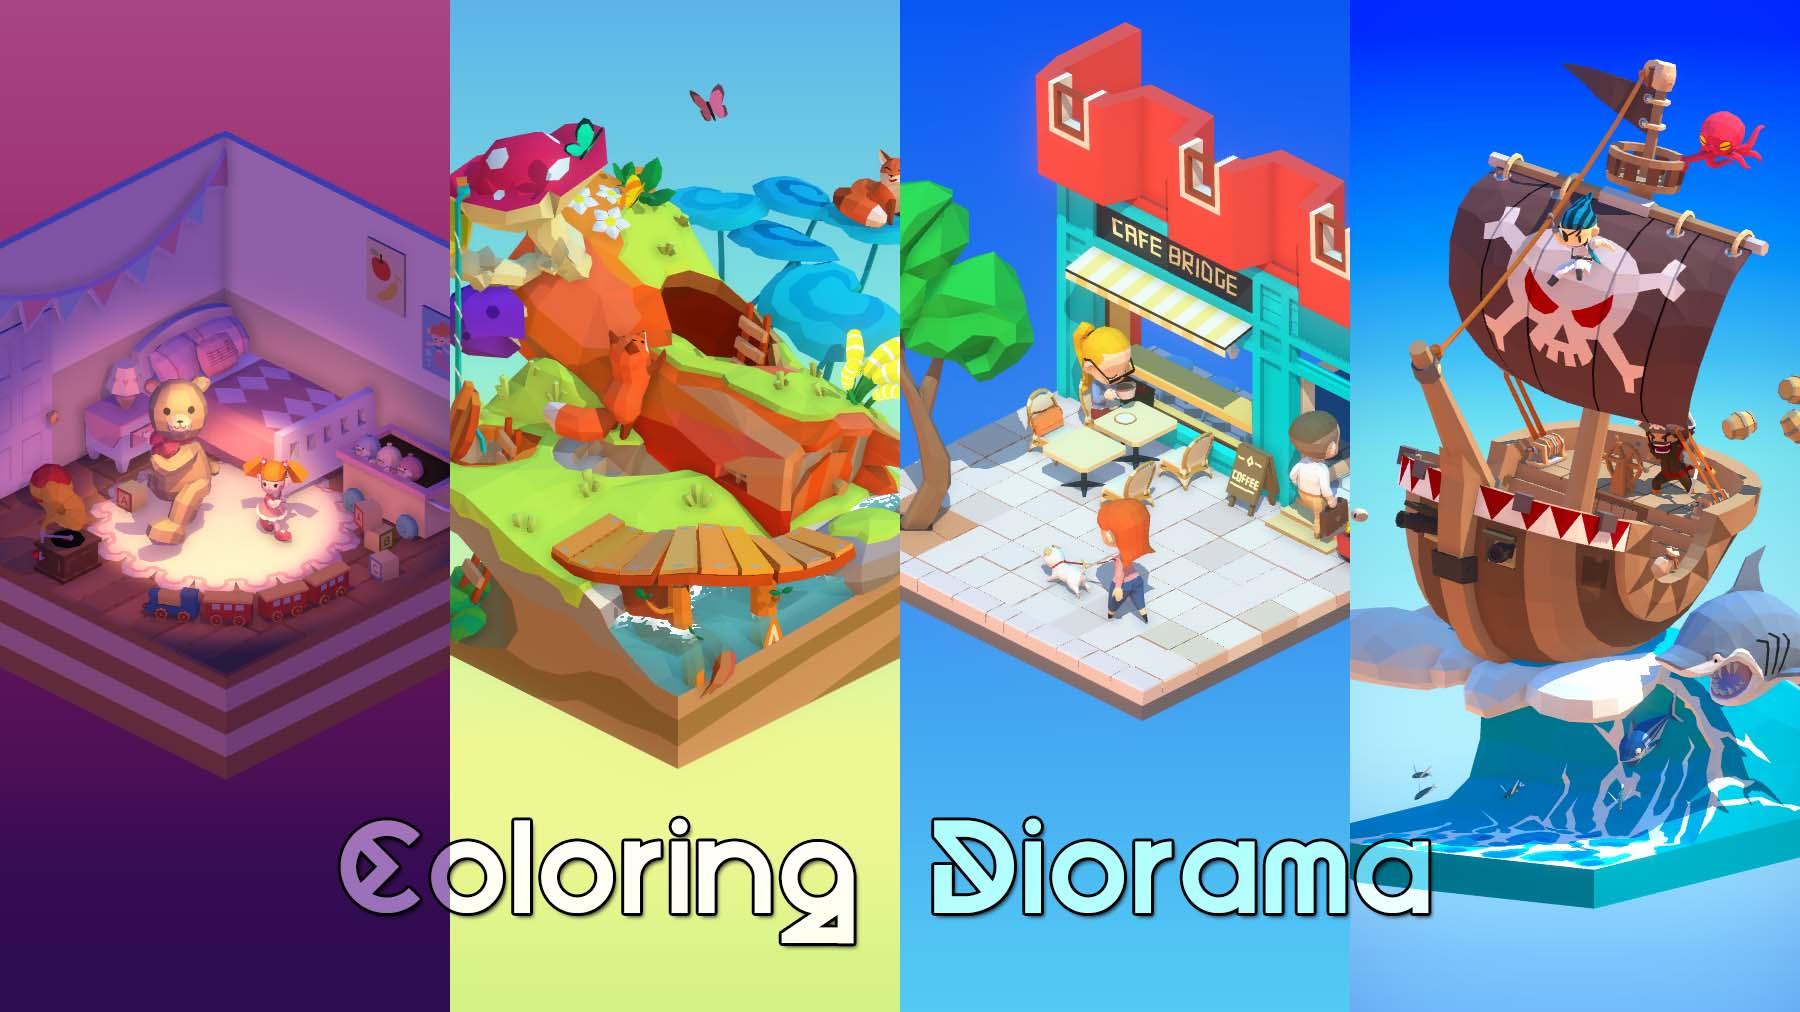 Coloring Diorama